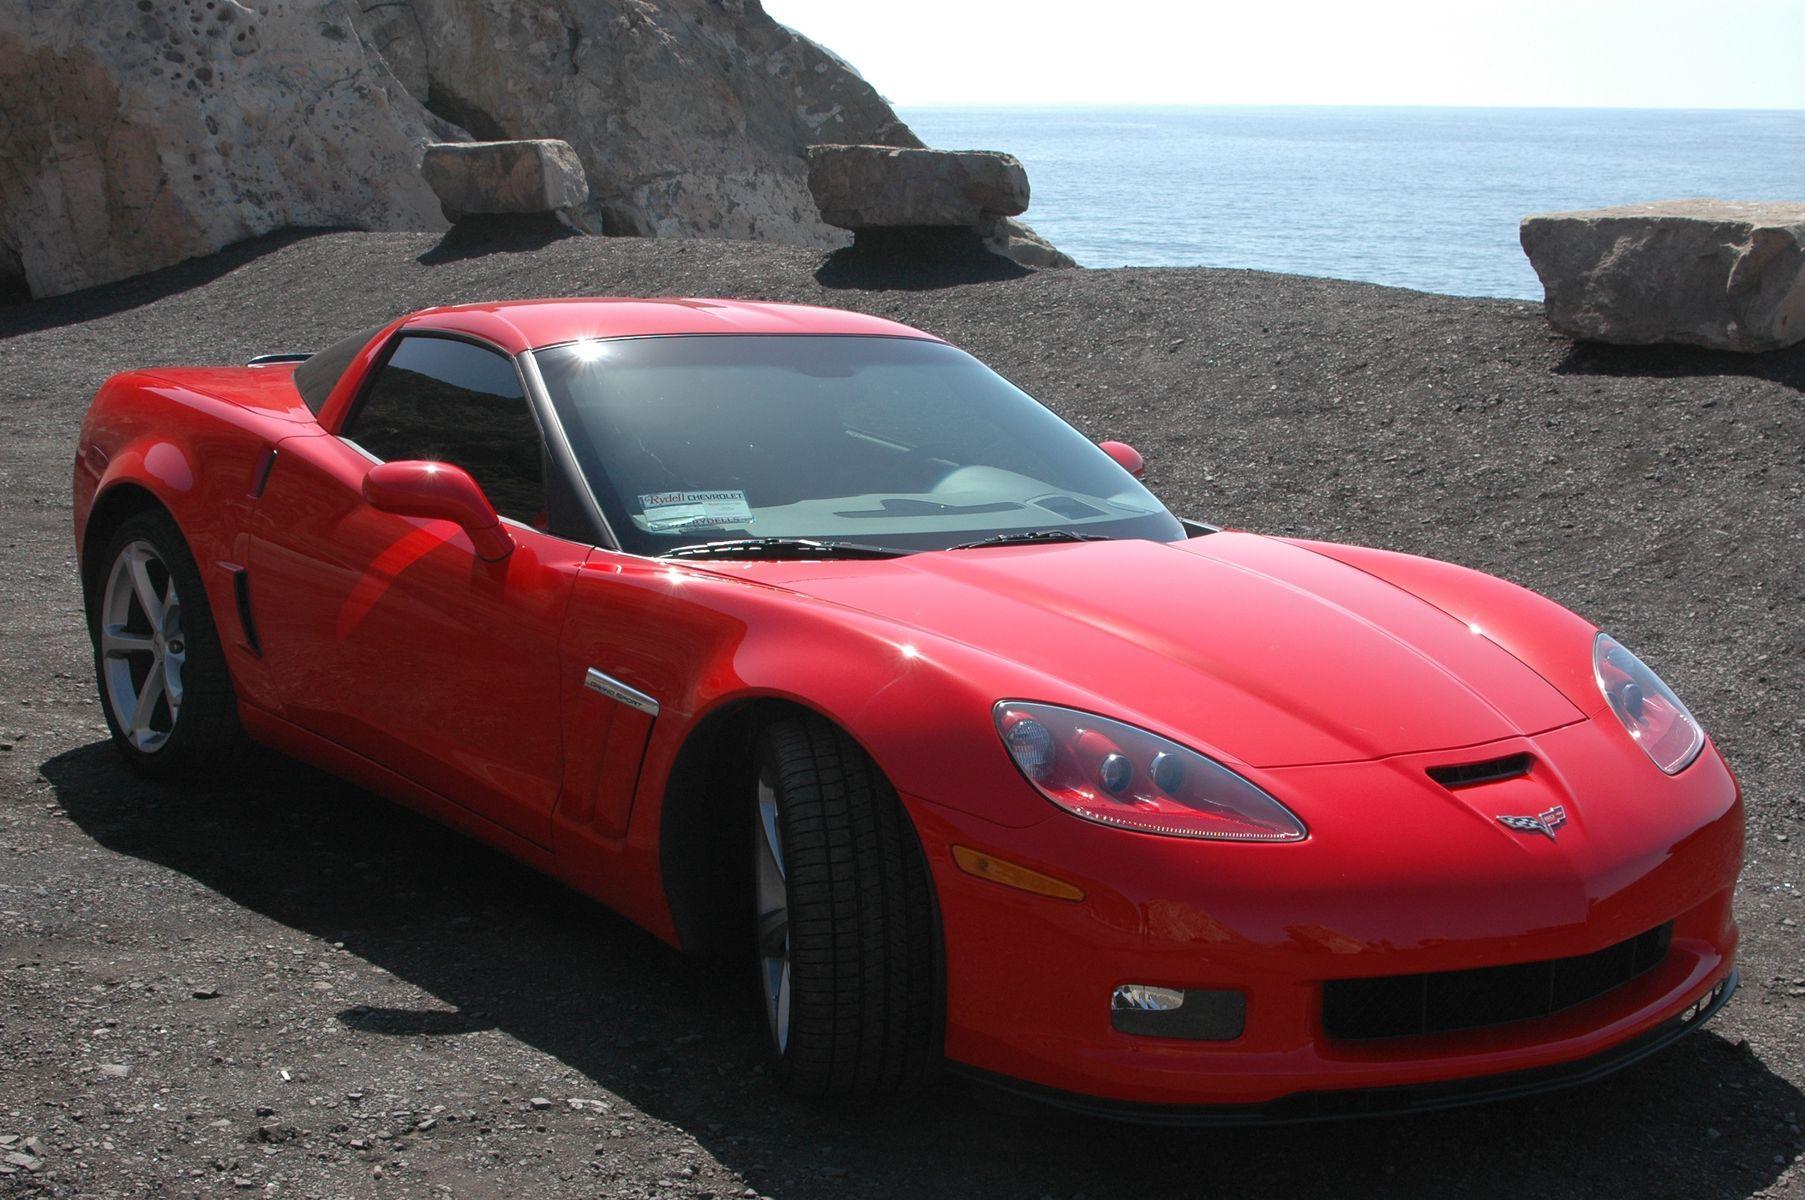 2013 Chevrolet Corvette | 2013 Corvette - Supercarged